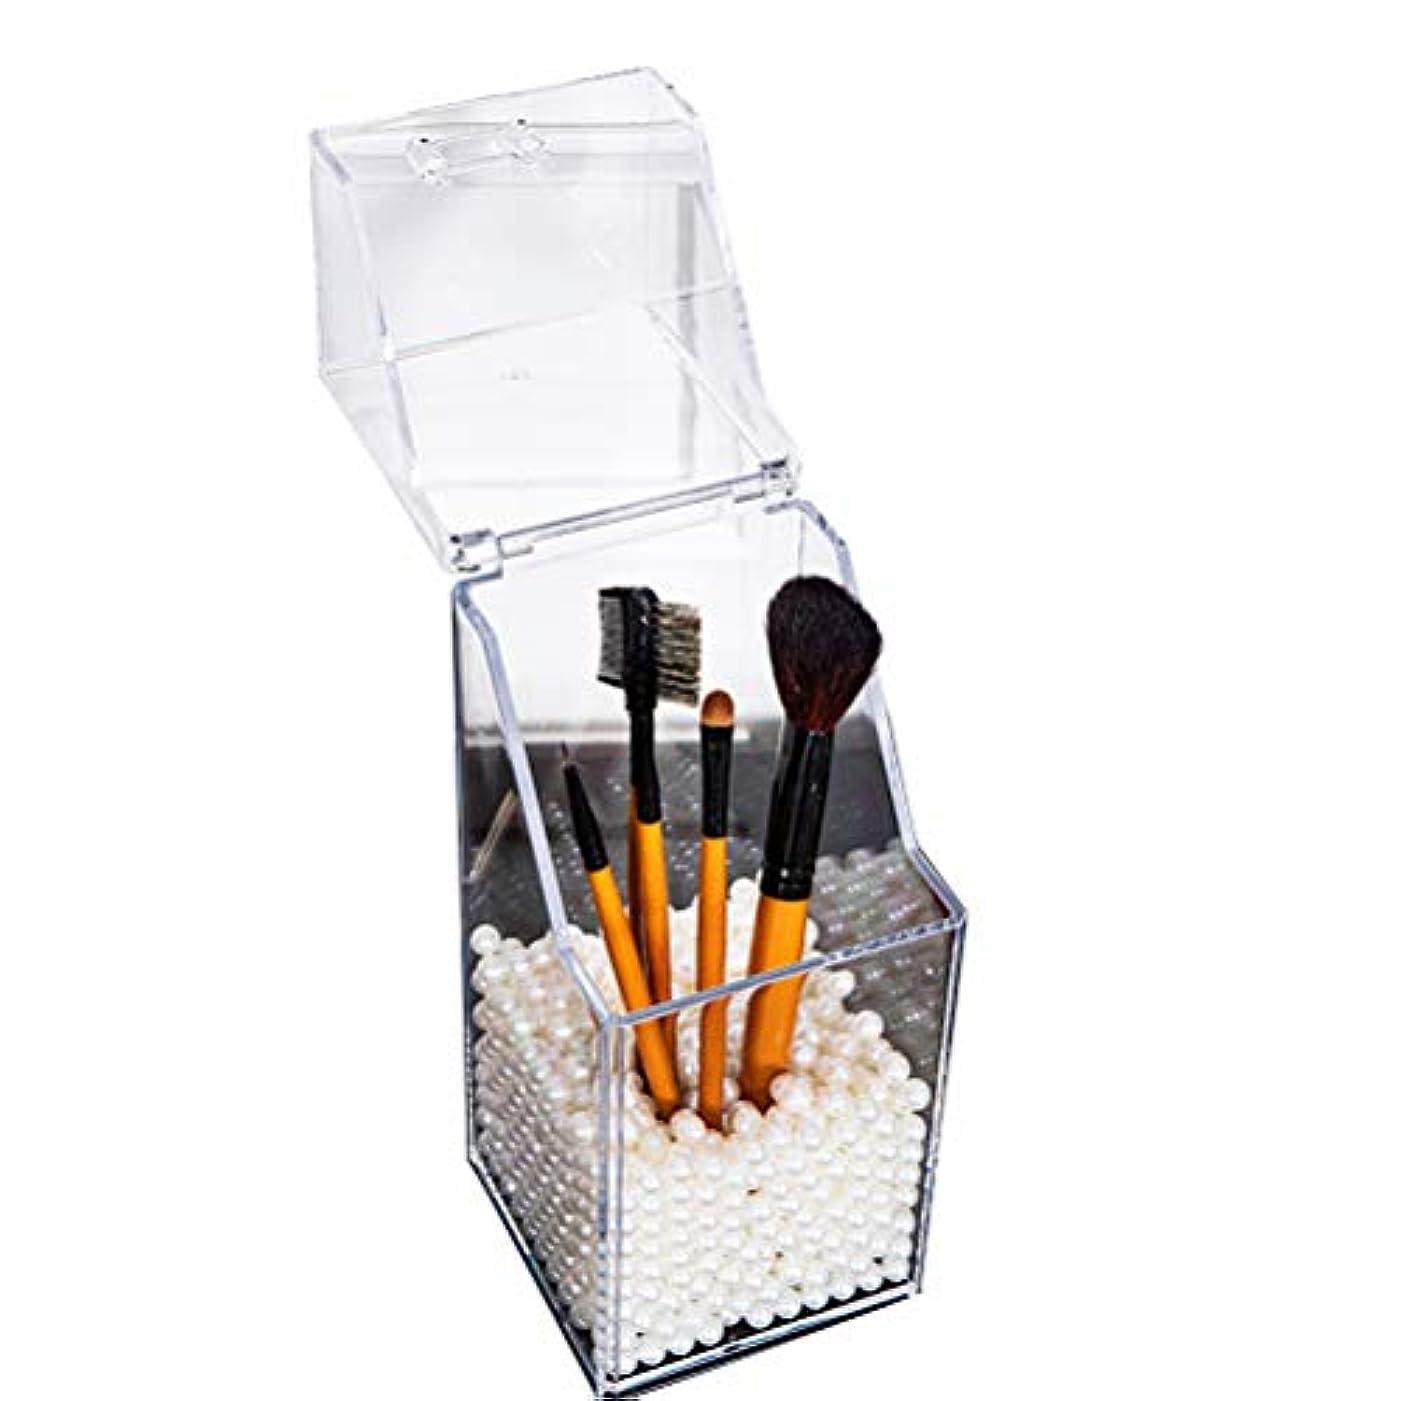 ワットハウス文字通り[YEMOCILE] メイクボックス レディース ふた付き メイクブラシ 化粧品入れ 収納 透明 引き出し小物 アクリル製 真珠 高品質 ホワイト